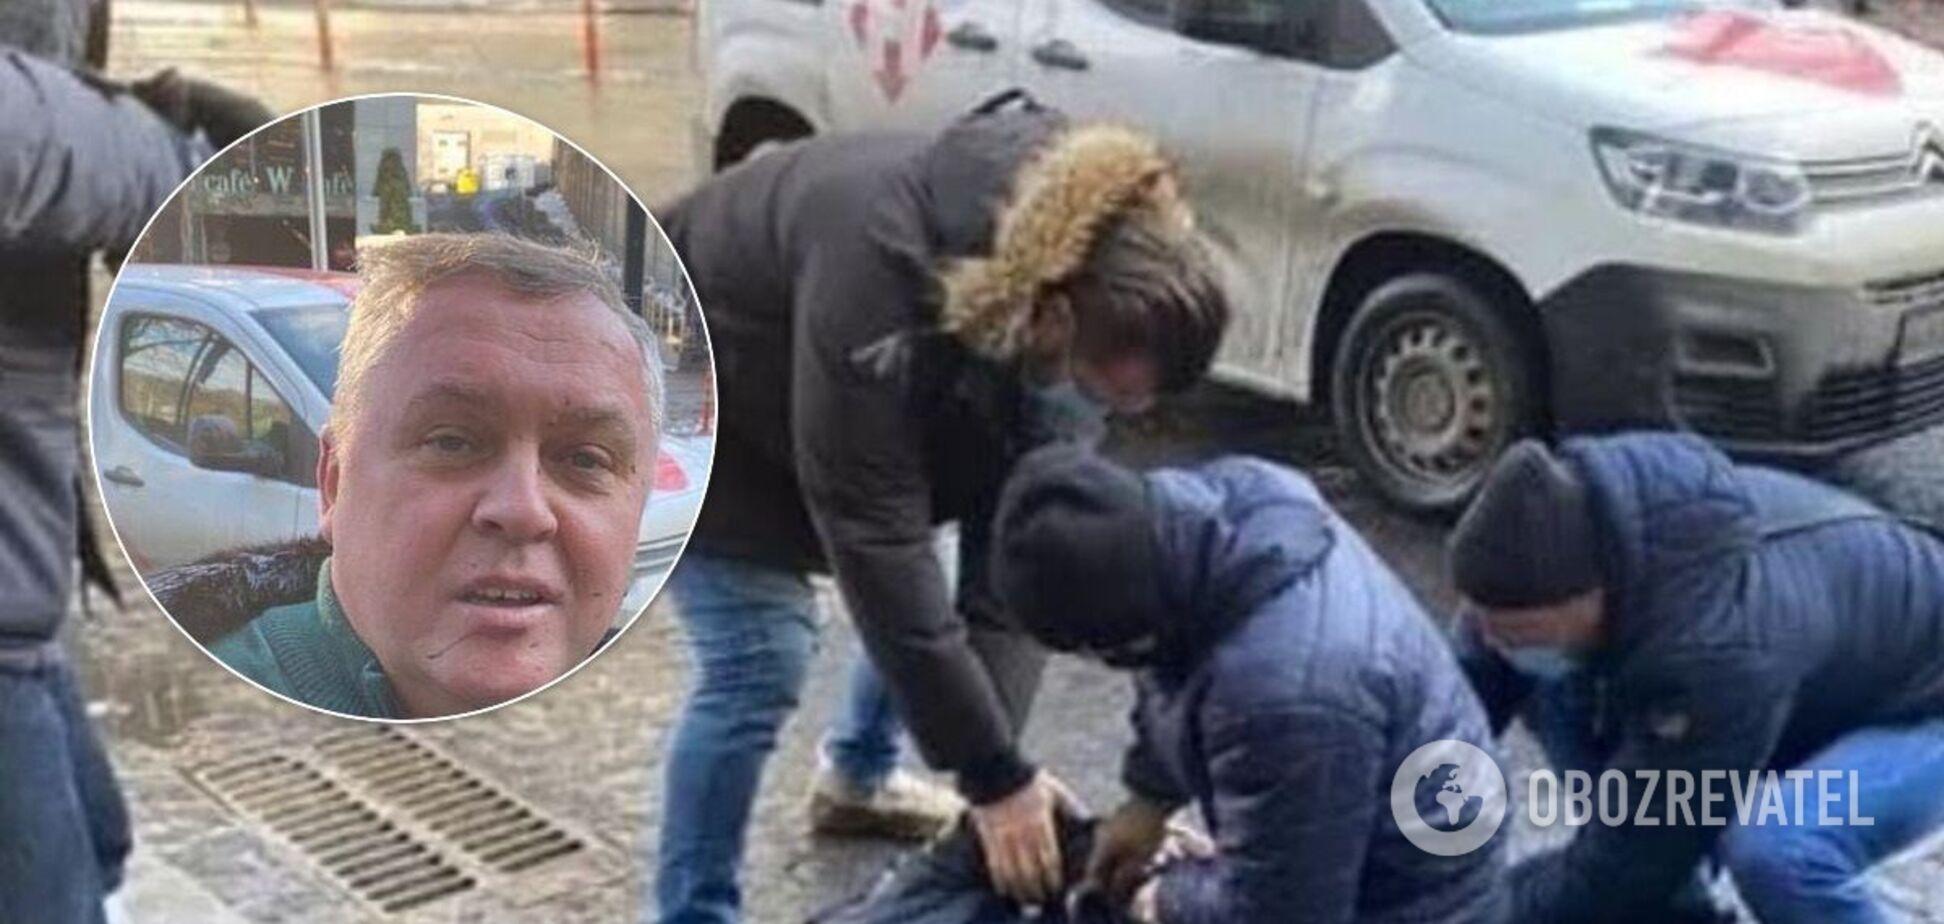 Небывалое событие в истории СБУ: в окружении Баканова начались открытые криминальные разборки